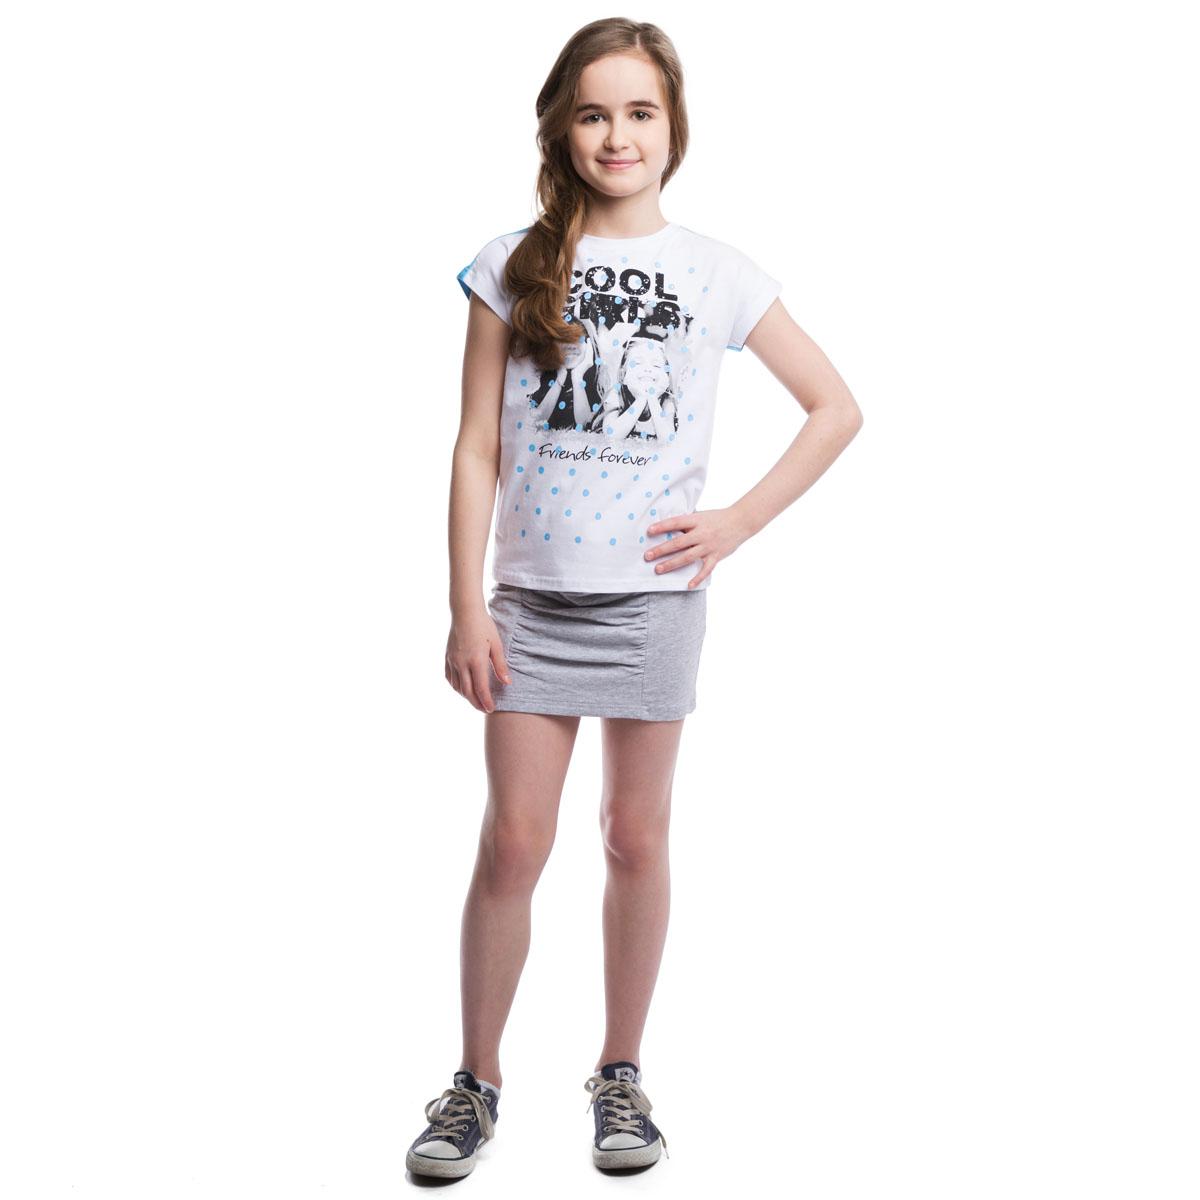 264014Мягкая хлопоквая футболка со стильный принтом. Спереди белая, сзади - гголубая. Цельнокройный обеспечивает дополнительное удобство.